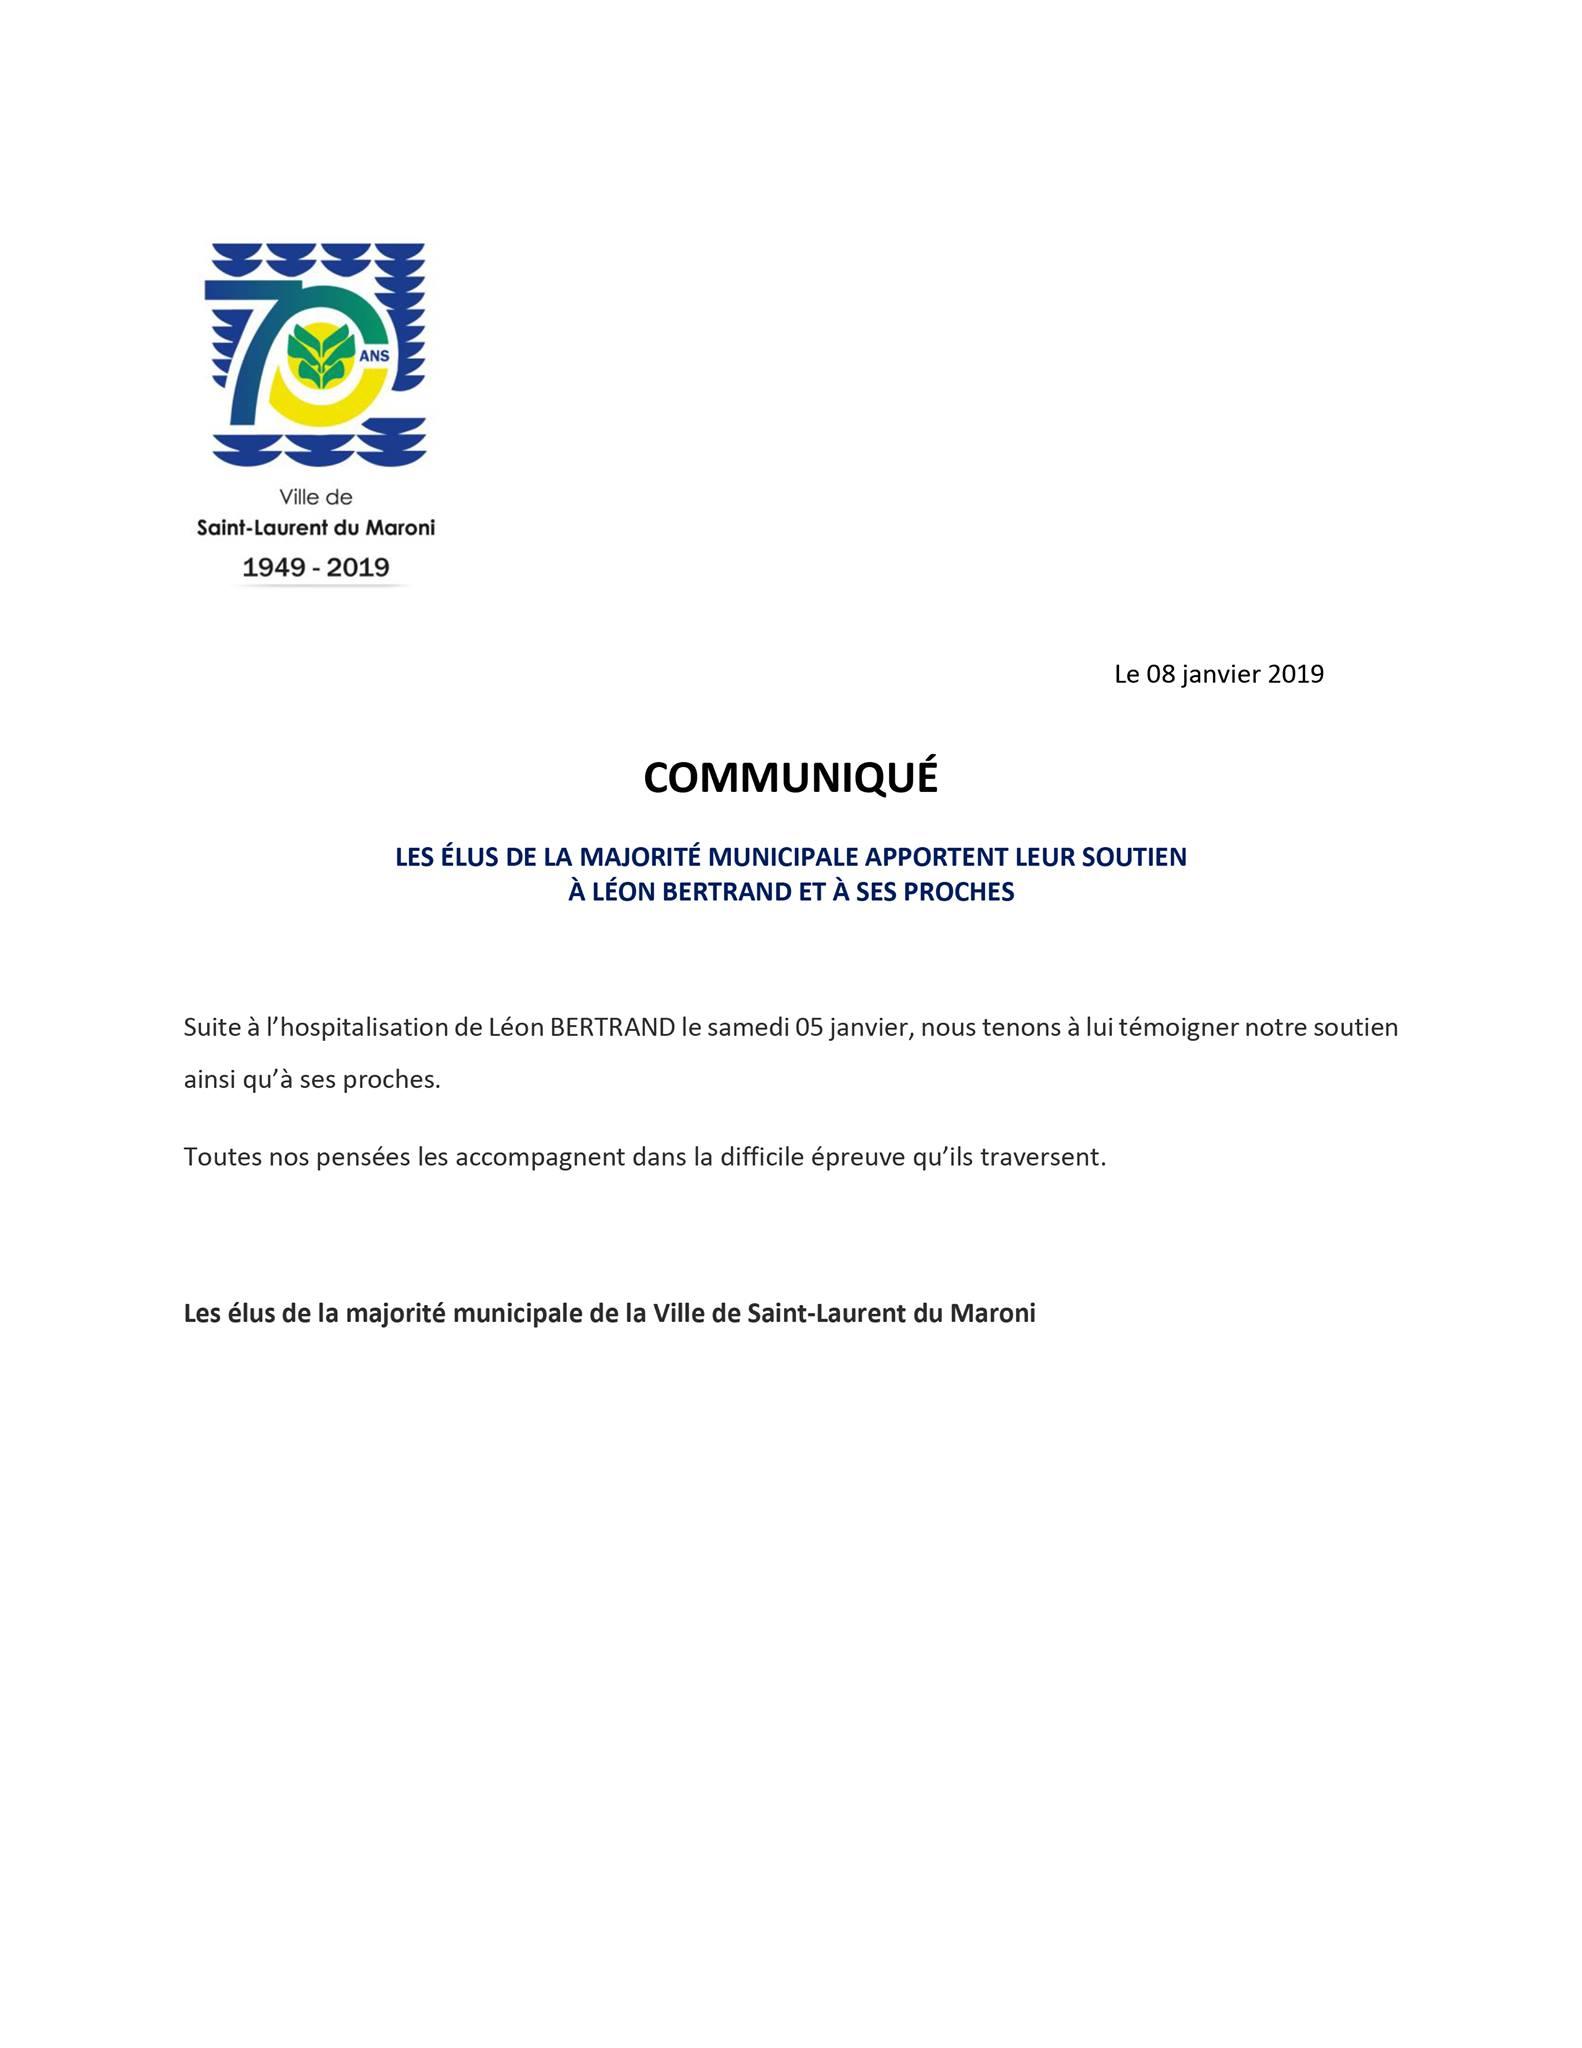 [Communiqué] : les élus de la majorité municipale apportent leur soutien à Léon BERTRAND et à ses proches suite à son hospitalisation le samedi 05 janvier.